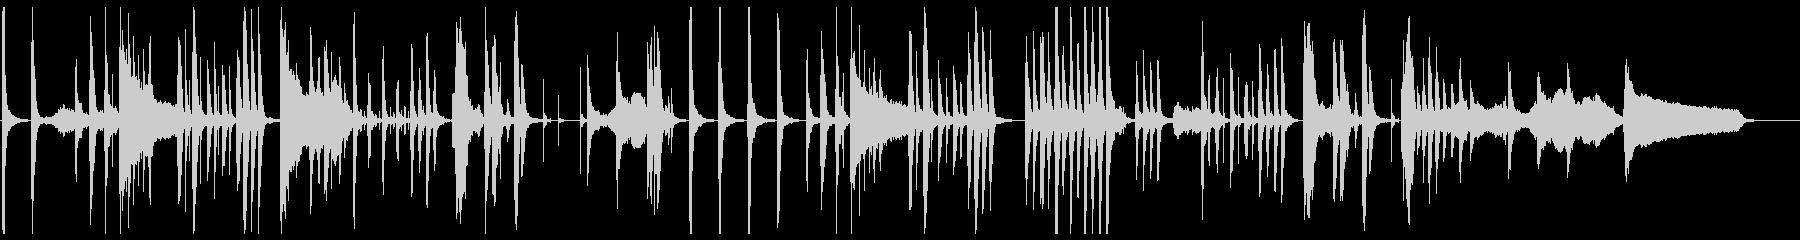 ギャグシーンに最適な少し間の抜けたBGMの未再生の波形